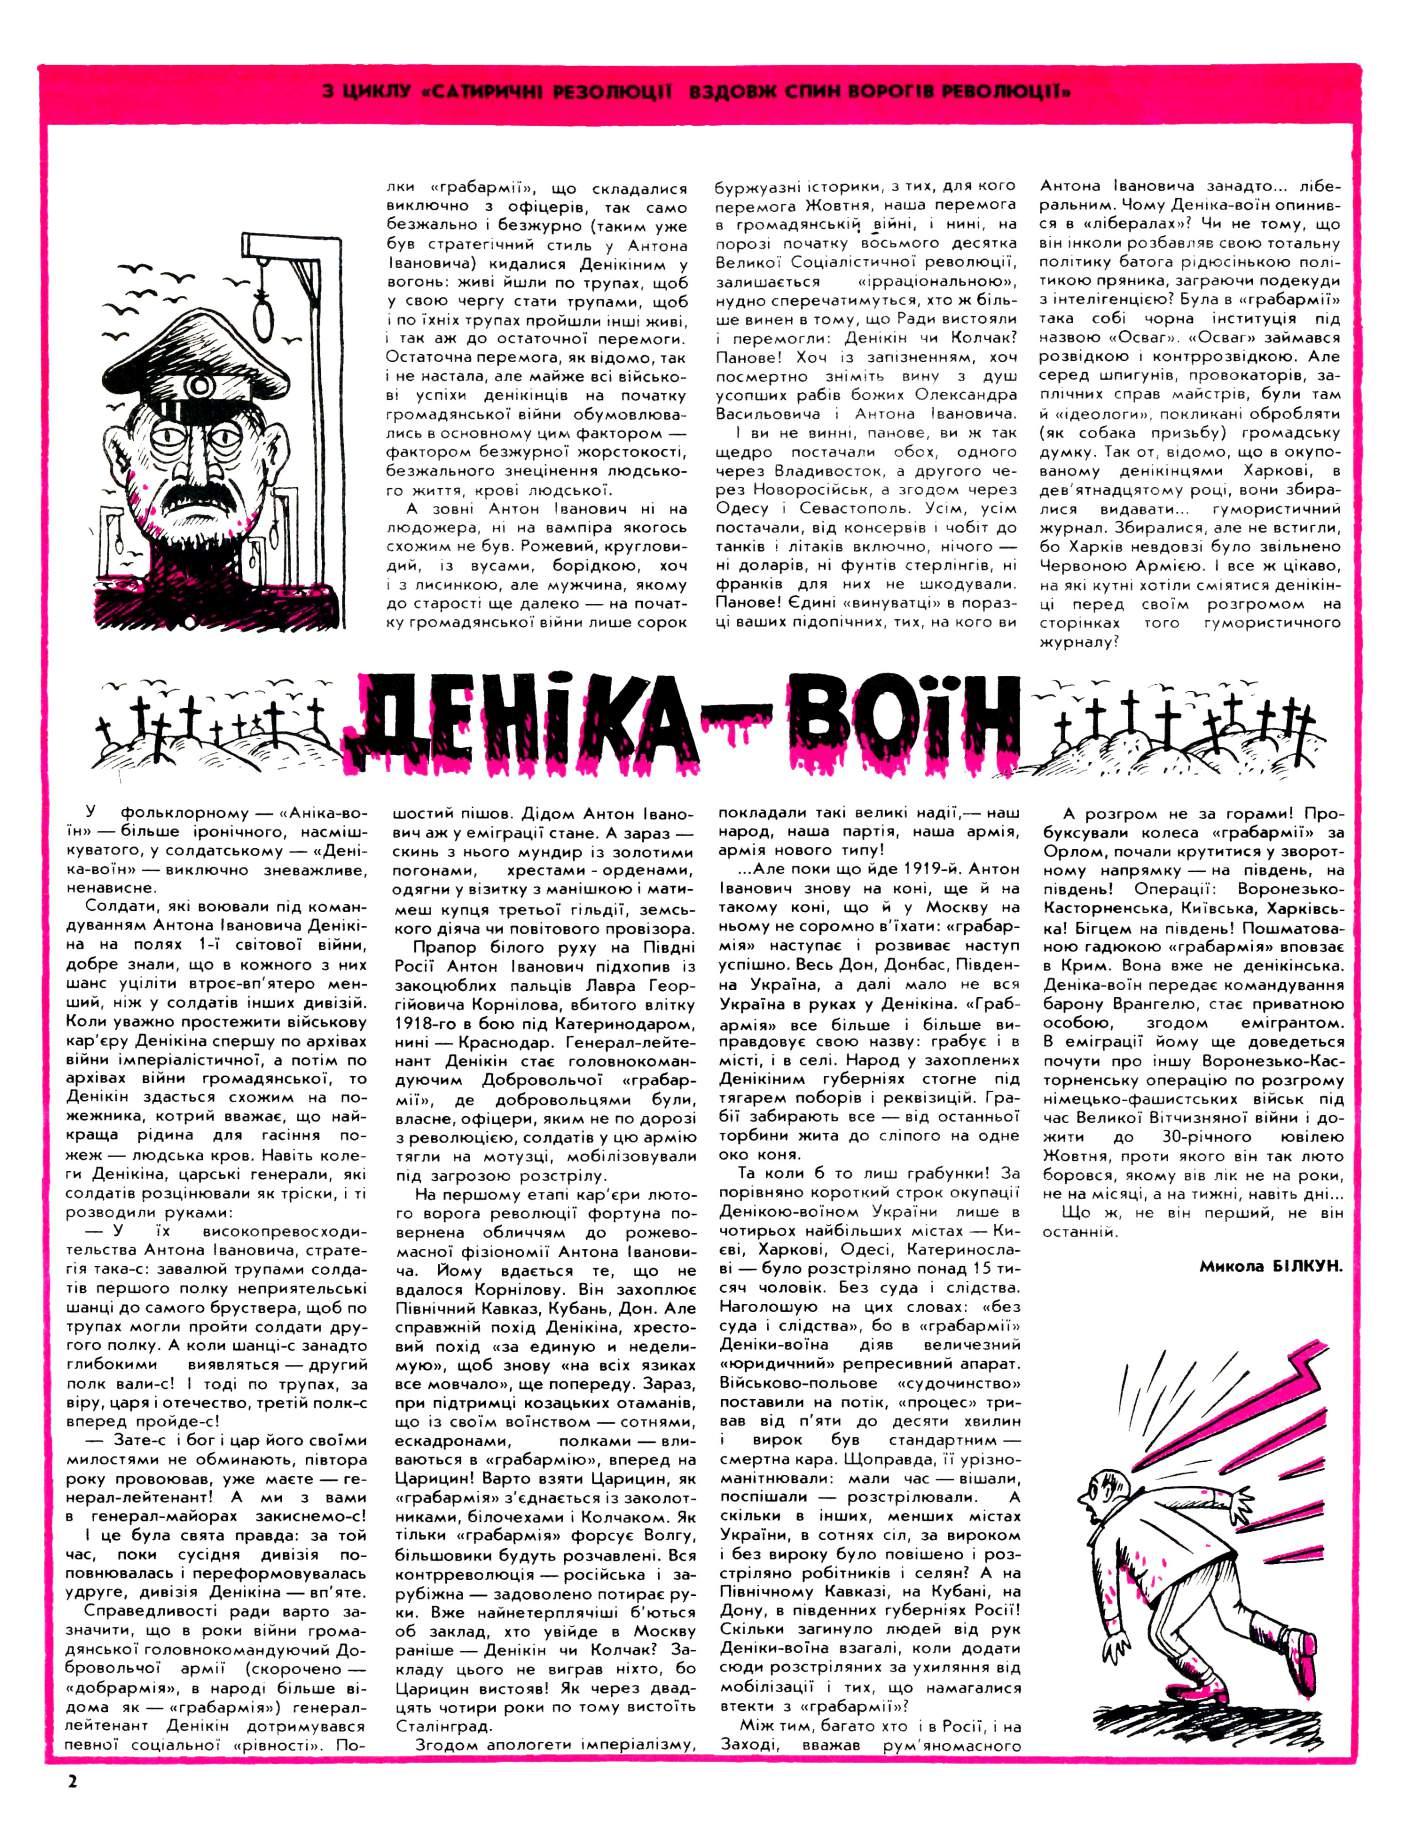 Журнал перець 1987 №16